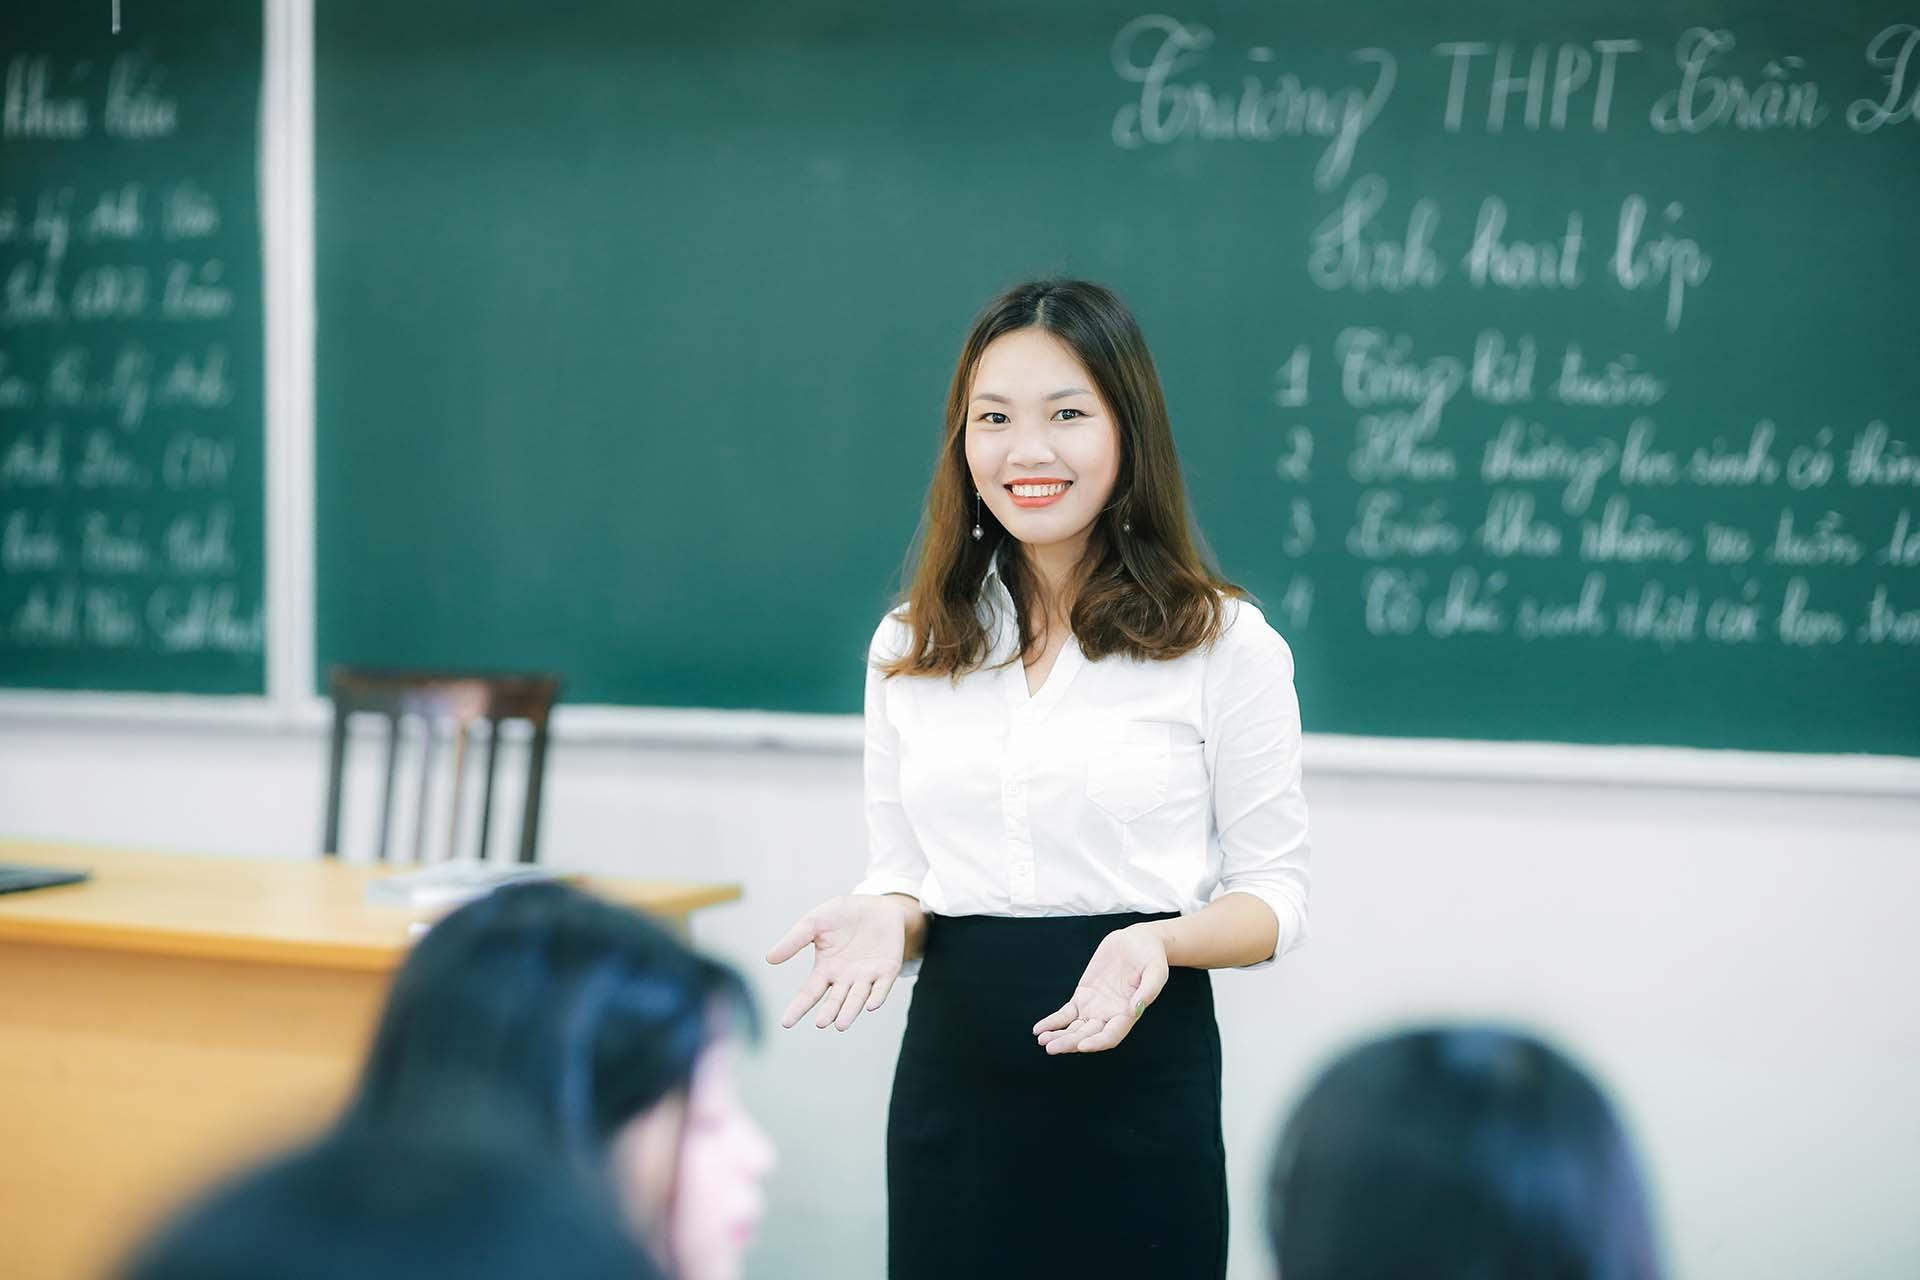 Giáo viên nâng chuẩn phải cam kết thời gian công tác